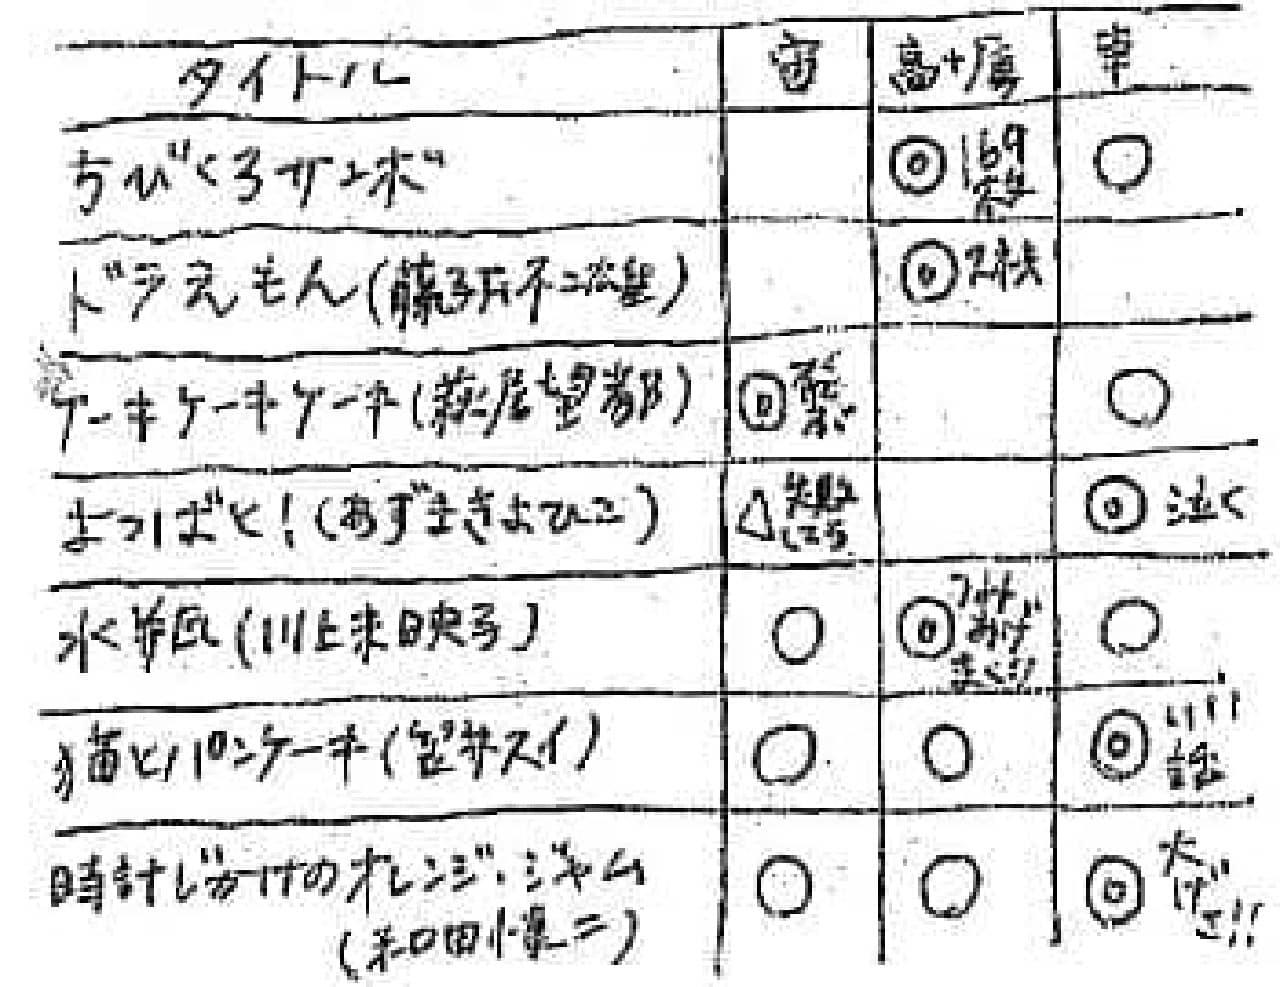 トミヤマさんが配布された資料の一部